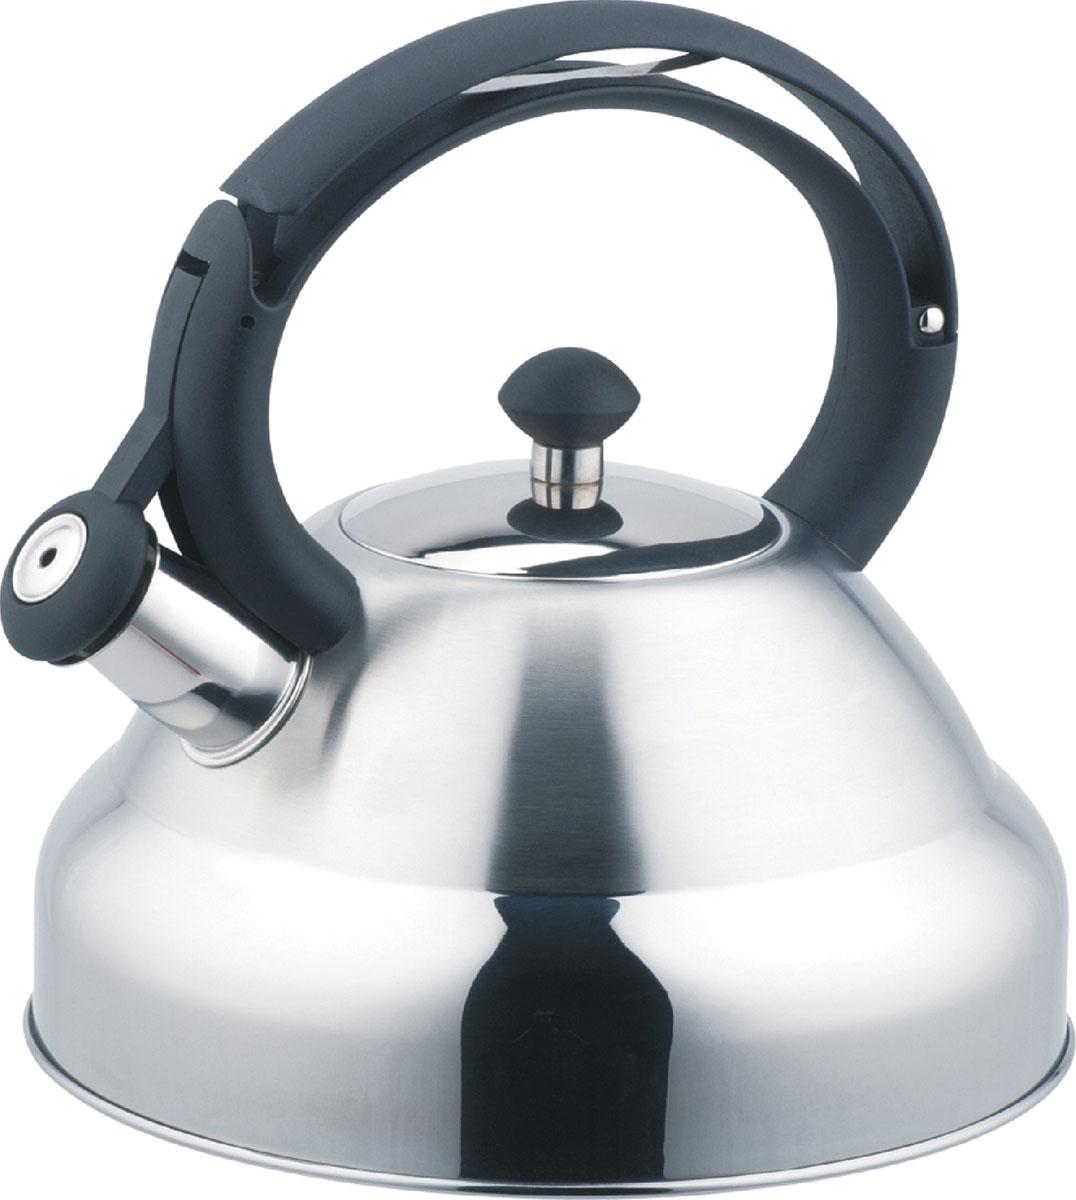 Чайник Bekker De Luxe со свистком, 2,7 л. BK-S403BK-S403Чайник Bekker De Luxe изготовлен из высококачественной нержавеющей стали 18/10. Поверхность матовая с зеркальной полосой внизу. Капсулированное дно распределяет тепло по всей поверхности, что позволяет чайнику быстро закипать. Эргономичная фиксированная ручка выполнена из бакелита черного цвета. Носик оснащен откидным свистком, который подскажет, когда вода закипела. Свисток открывается и закрывается нажатием кнопки на рукоятке. Подходит для всех типов плит, включая индукционные. Можно мыть мыть в посудомоечной машине.